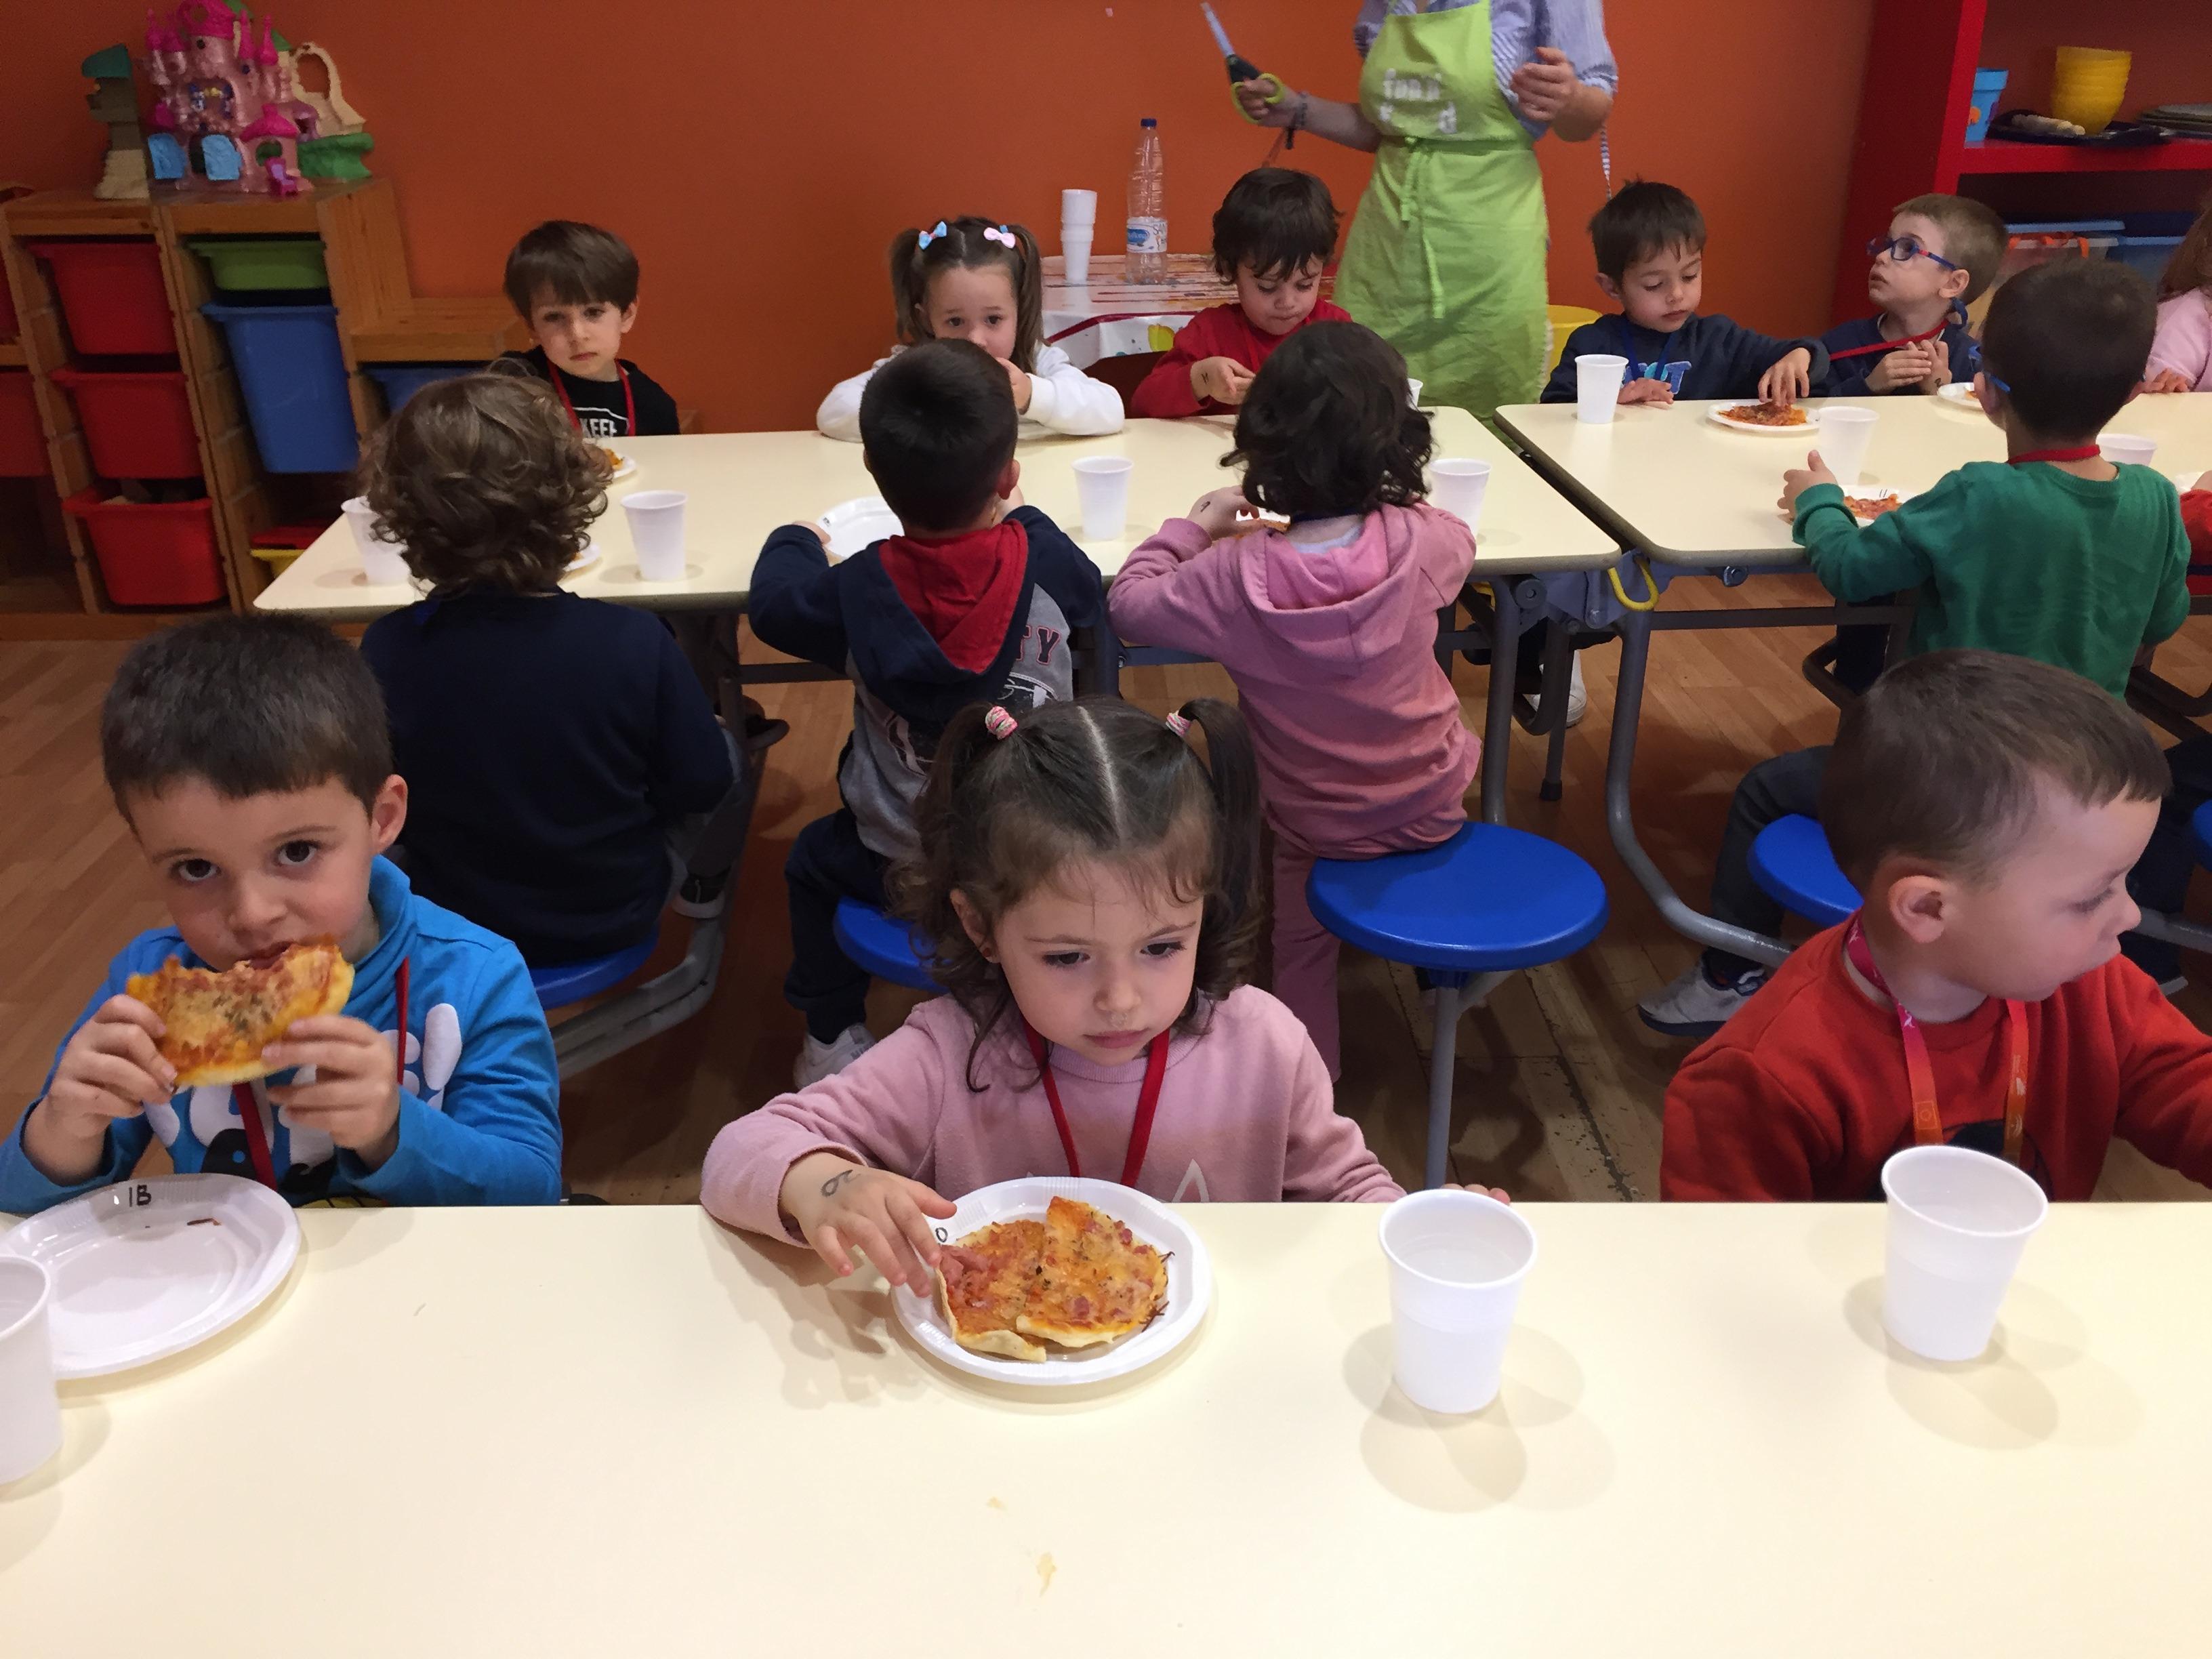 Excursión Escuela de cocina 21